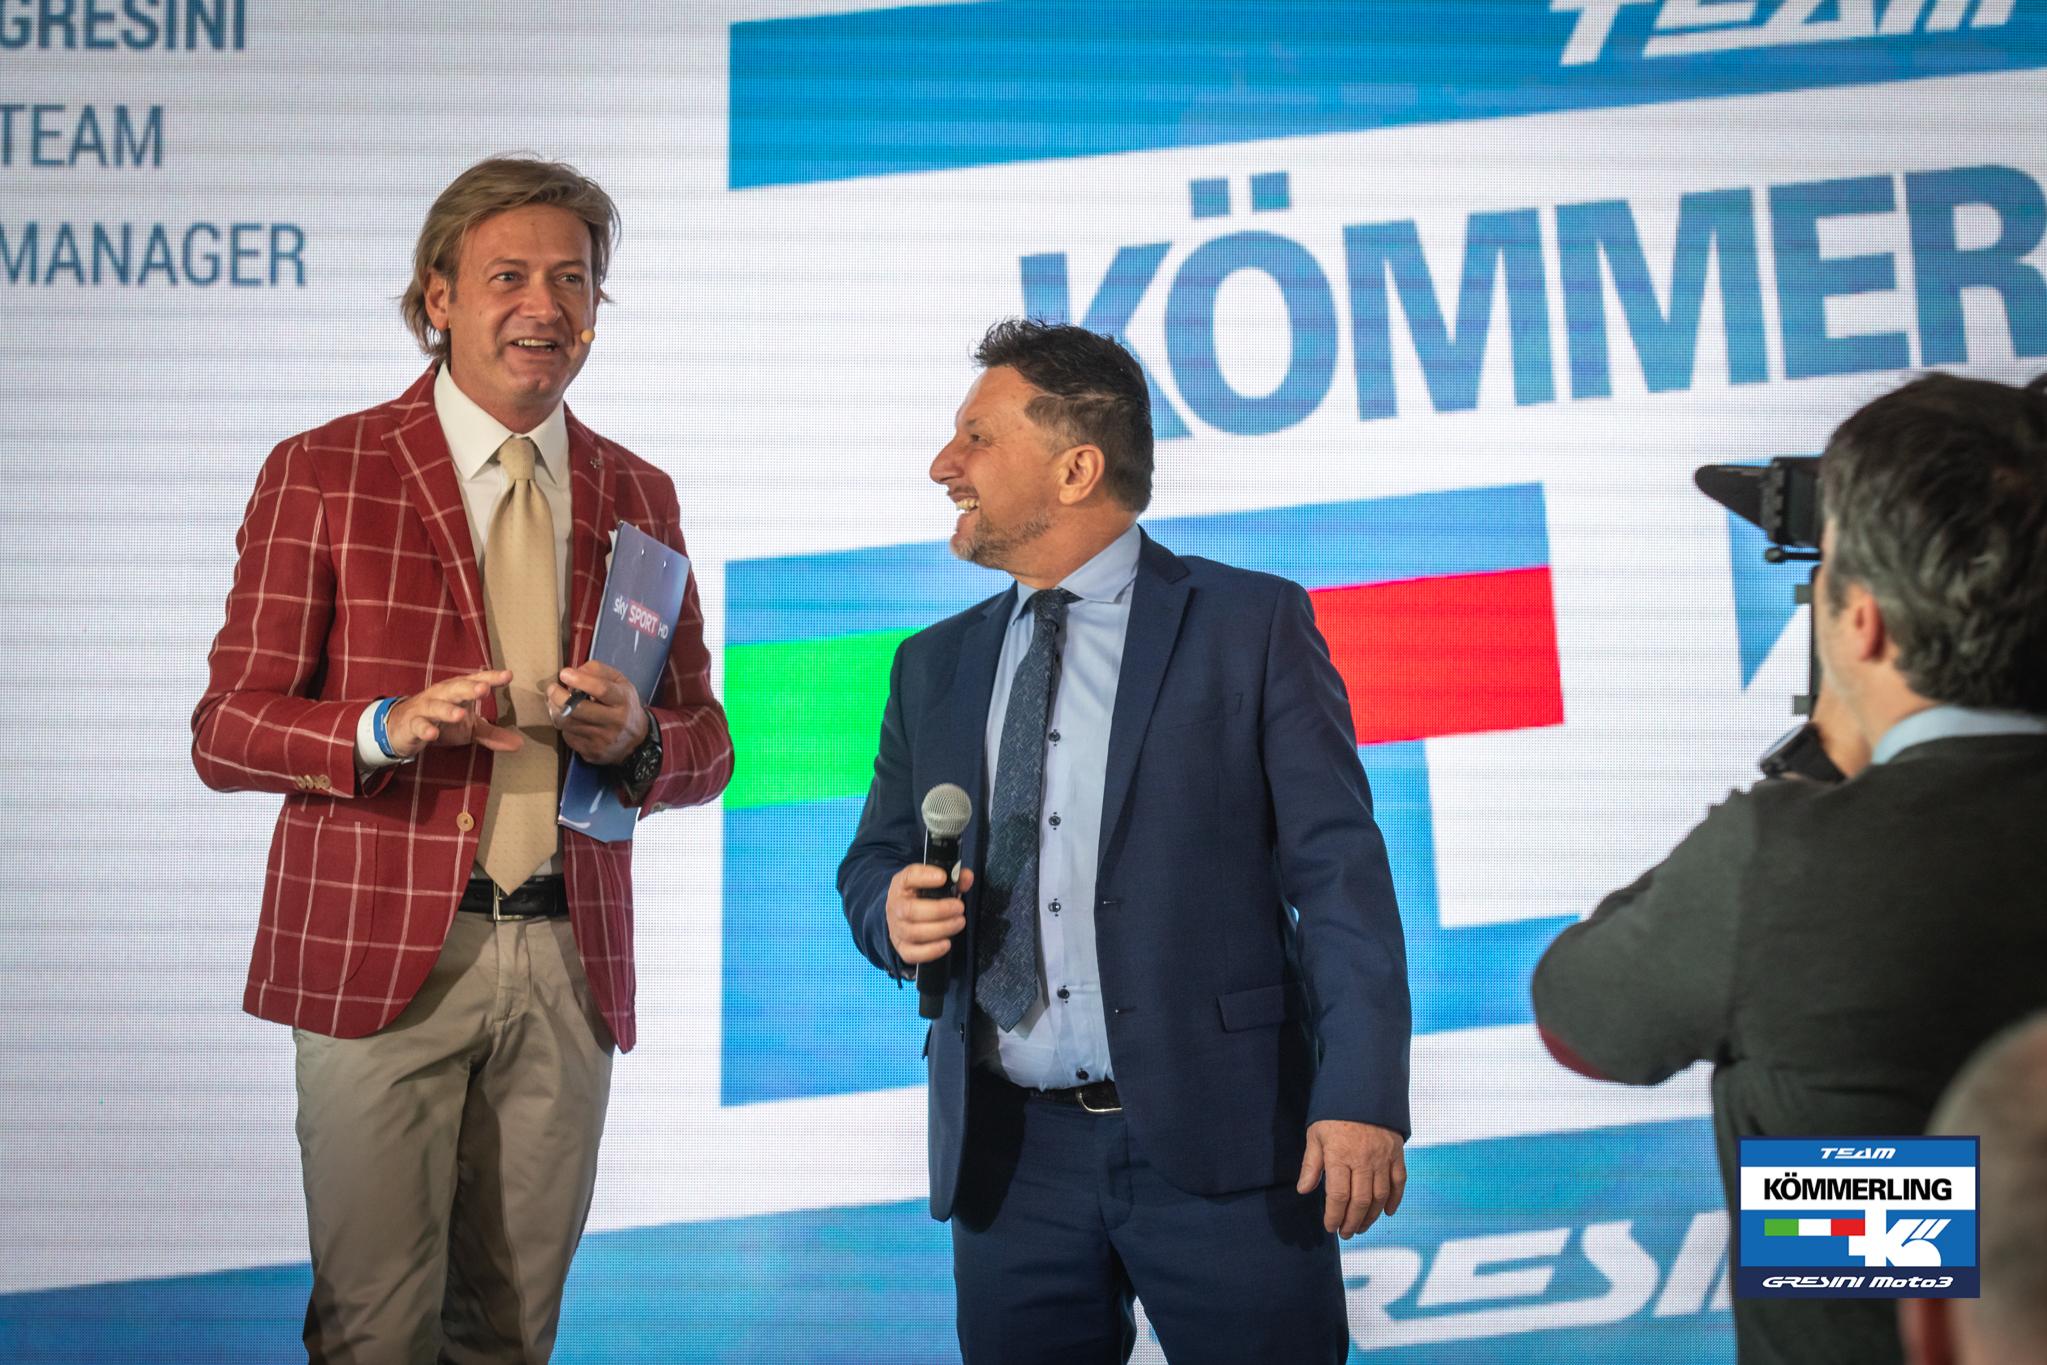 https://lnx.mirkone.it/wp-content/uploads/2019/06/tPresentazione-Team-Kömmerling-Gresini-Moto3-2019-00006.jpg